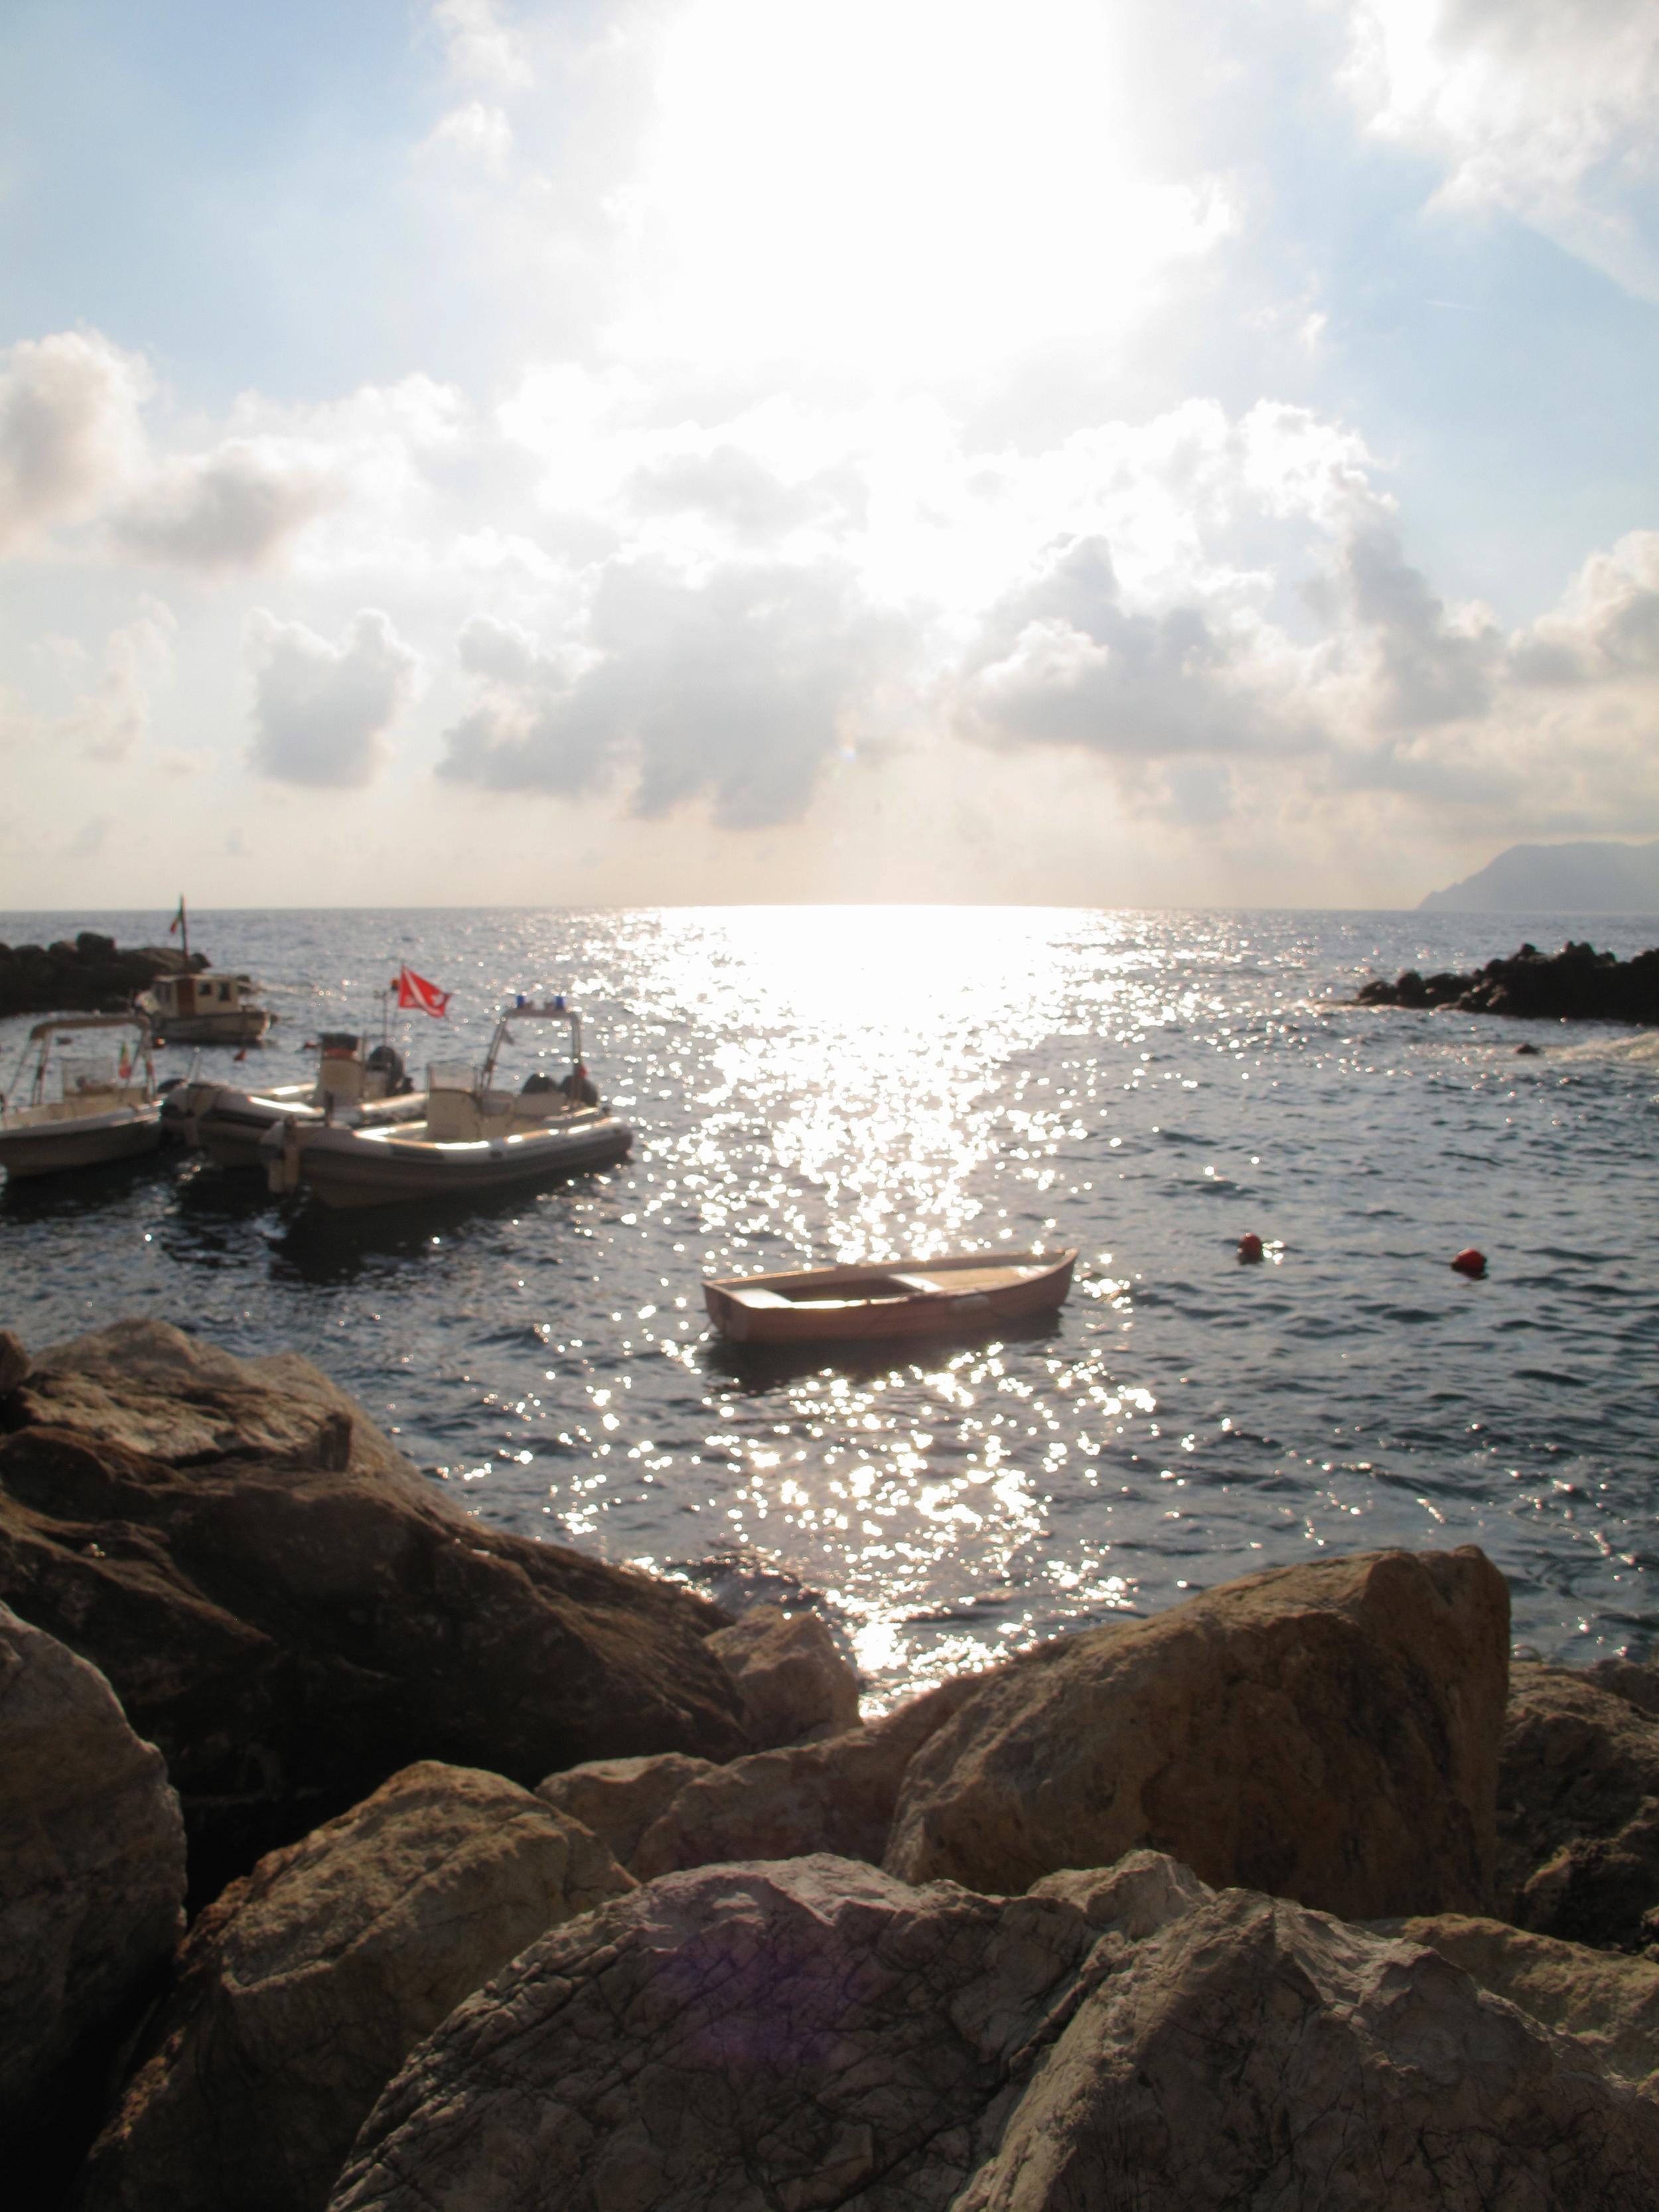 Boats in the small bay of Riomaggiore, on the Cinque Terre